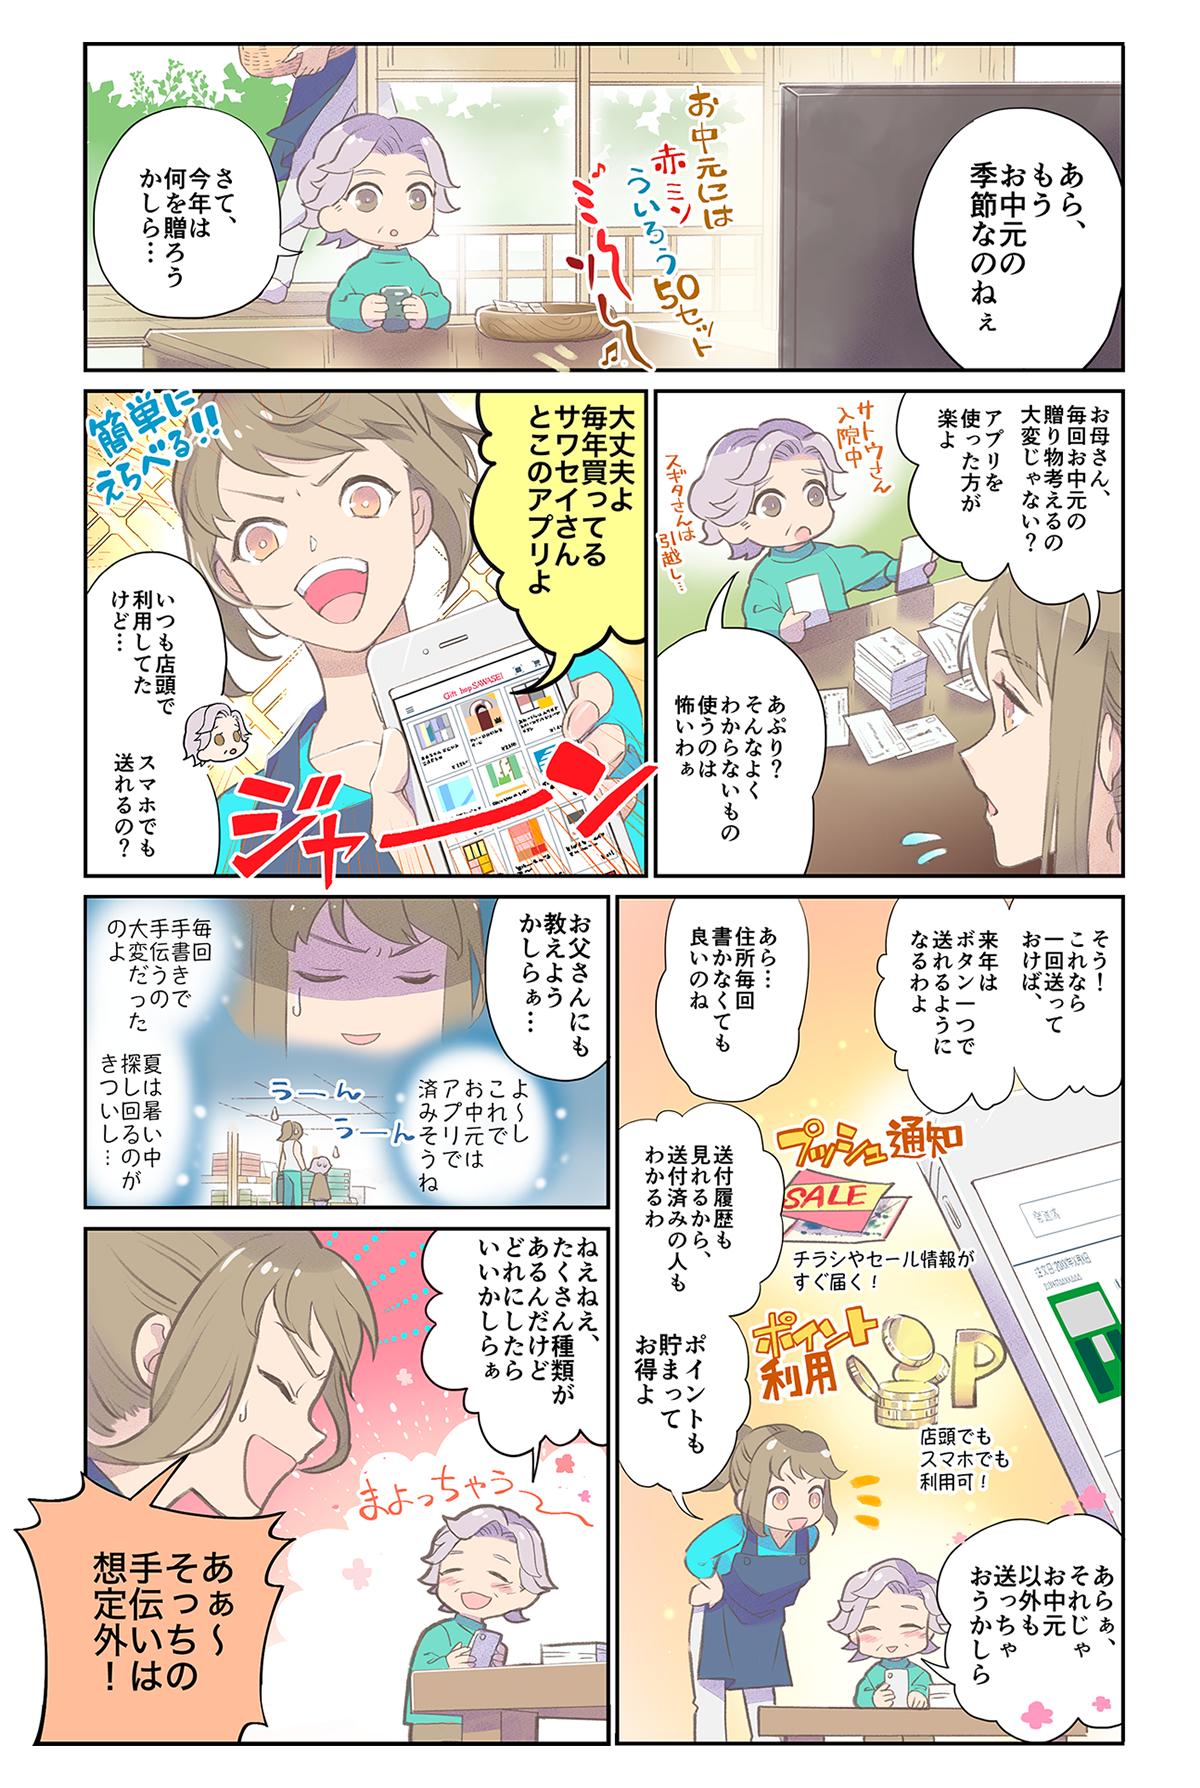 サワセイアプリのご紹介漫画